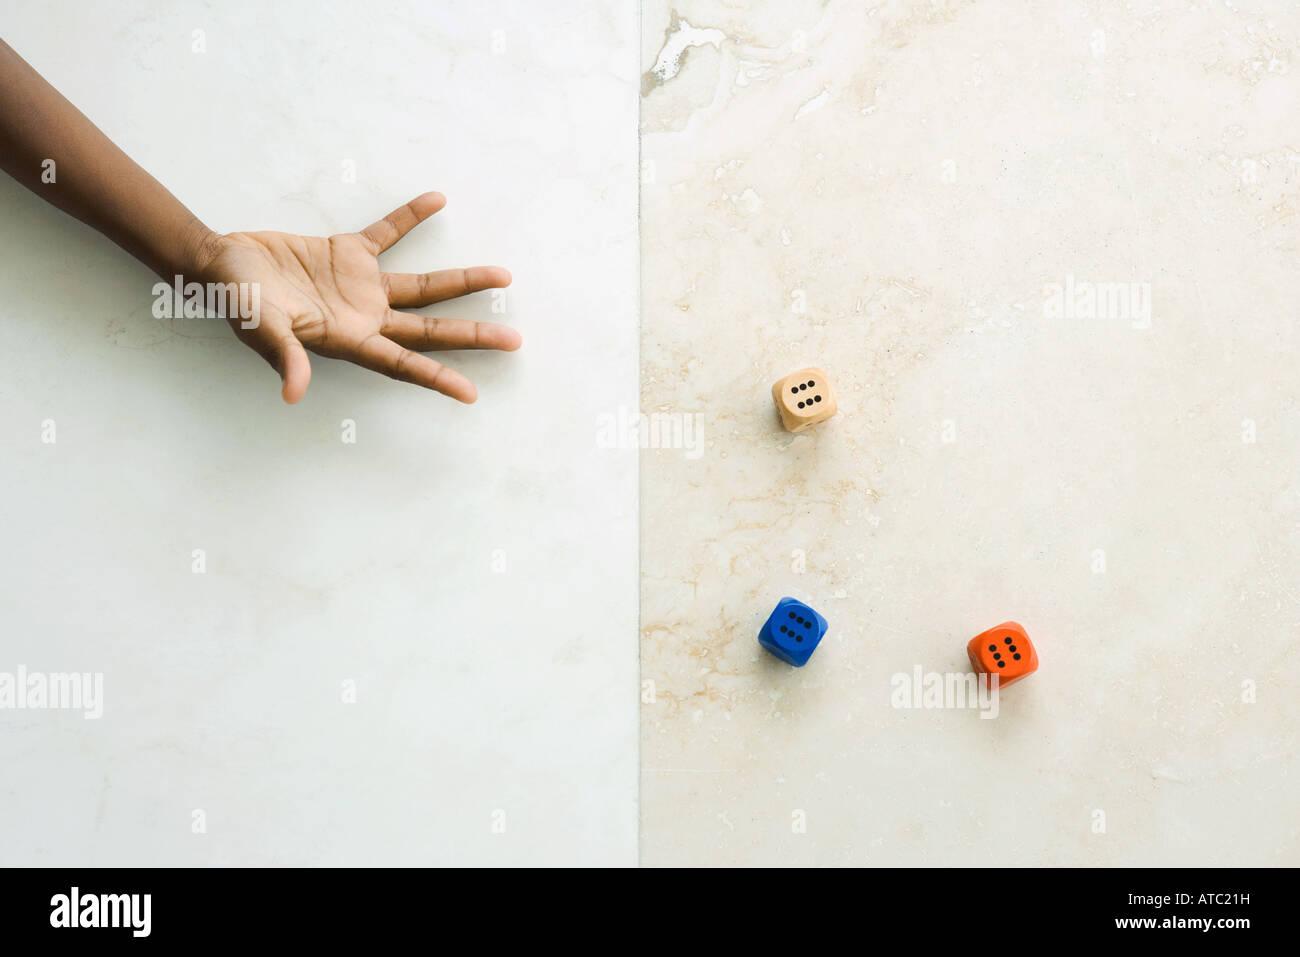 Enfant, à lancer des dés, cropped view of hand Photo Stock